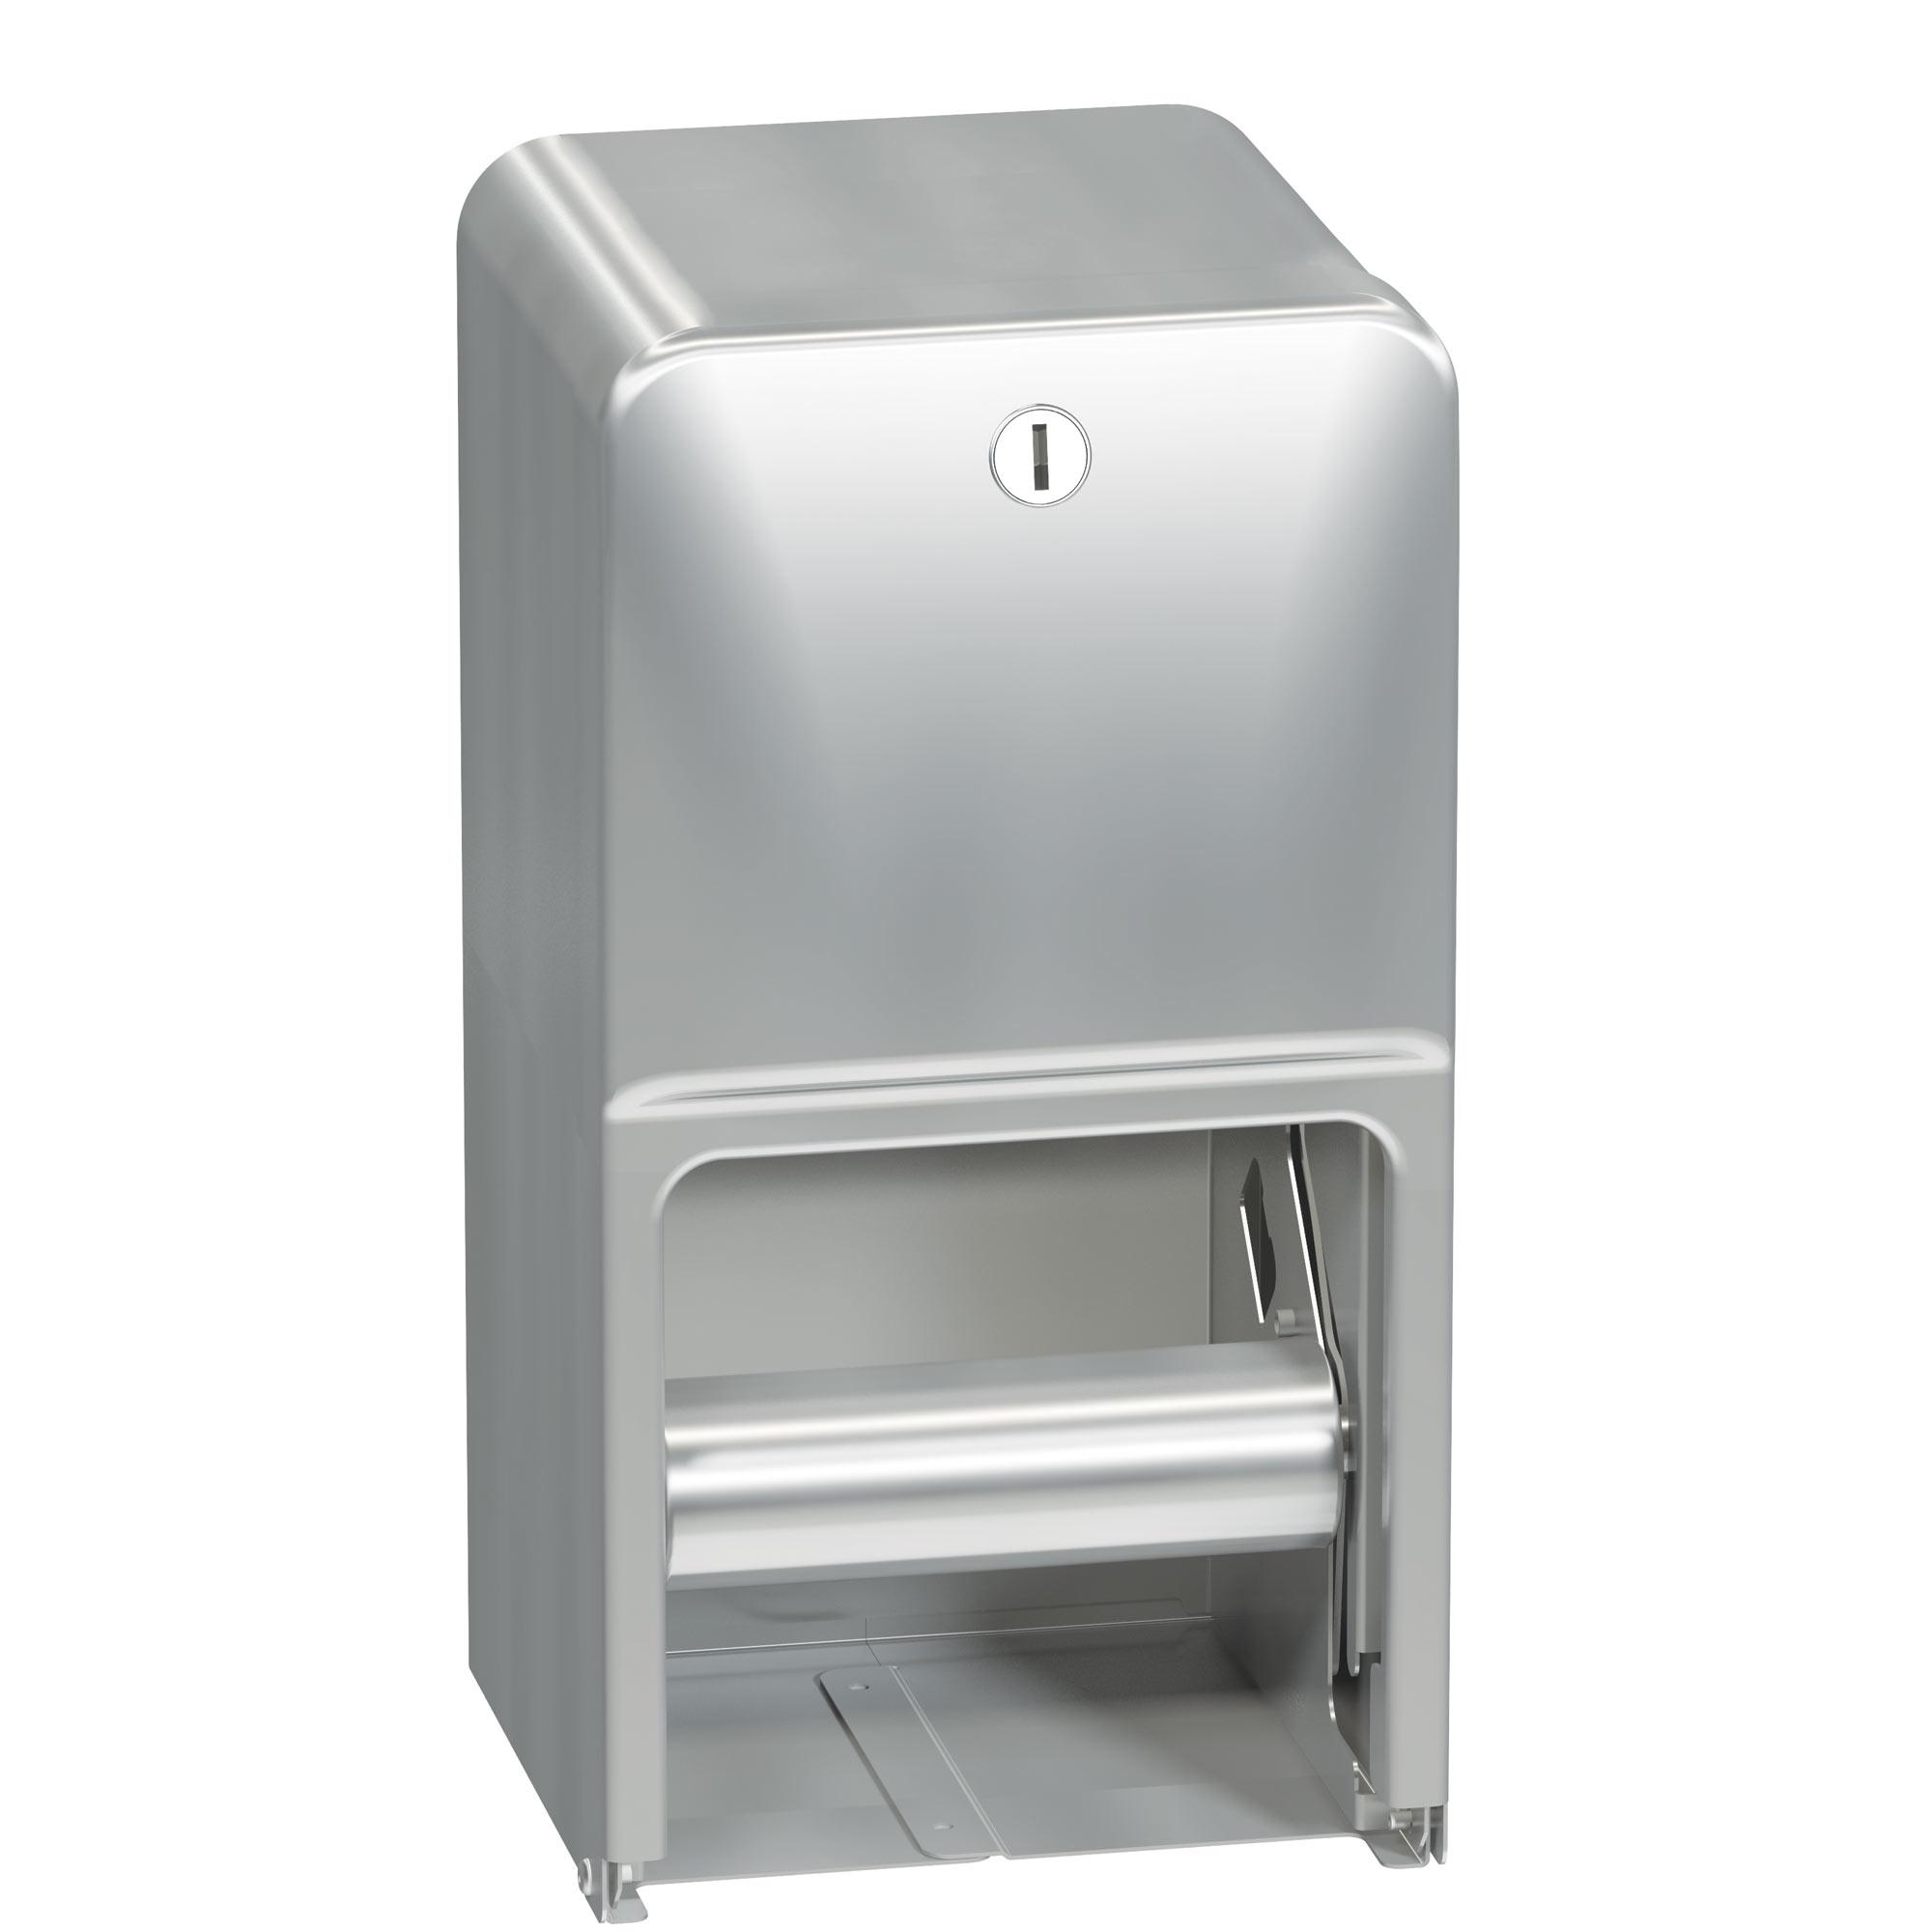 Diplomat Toilet Tissue Dispenser Bradley Corporation